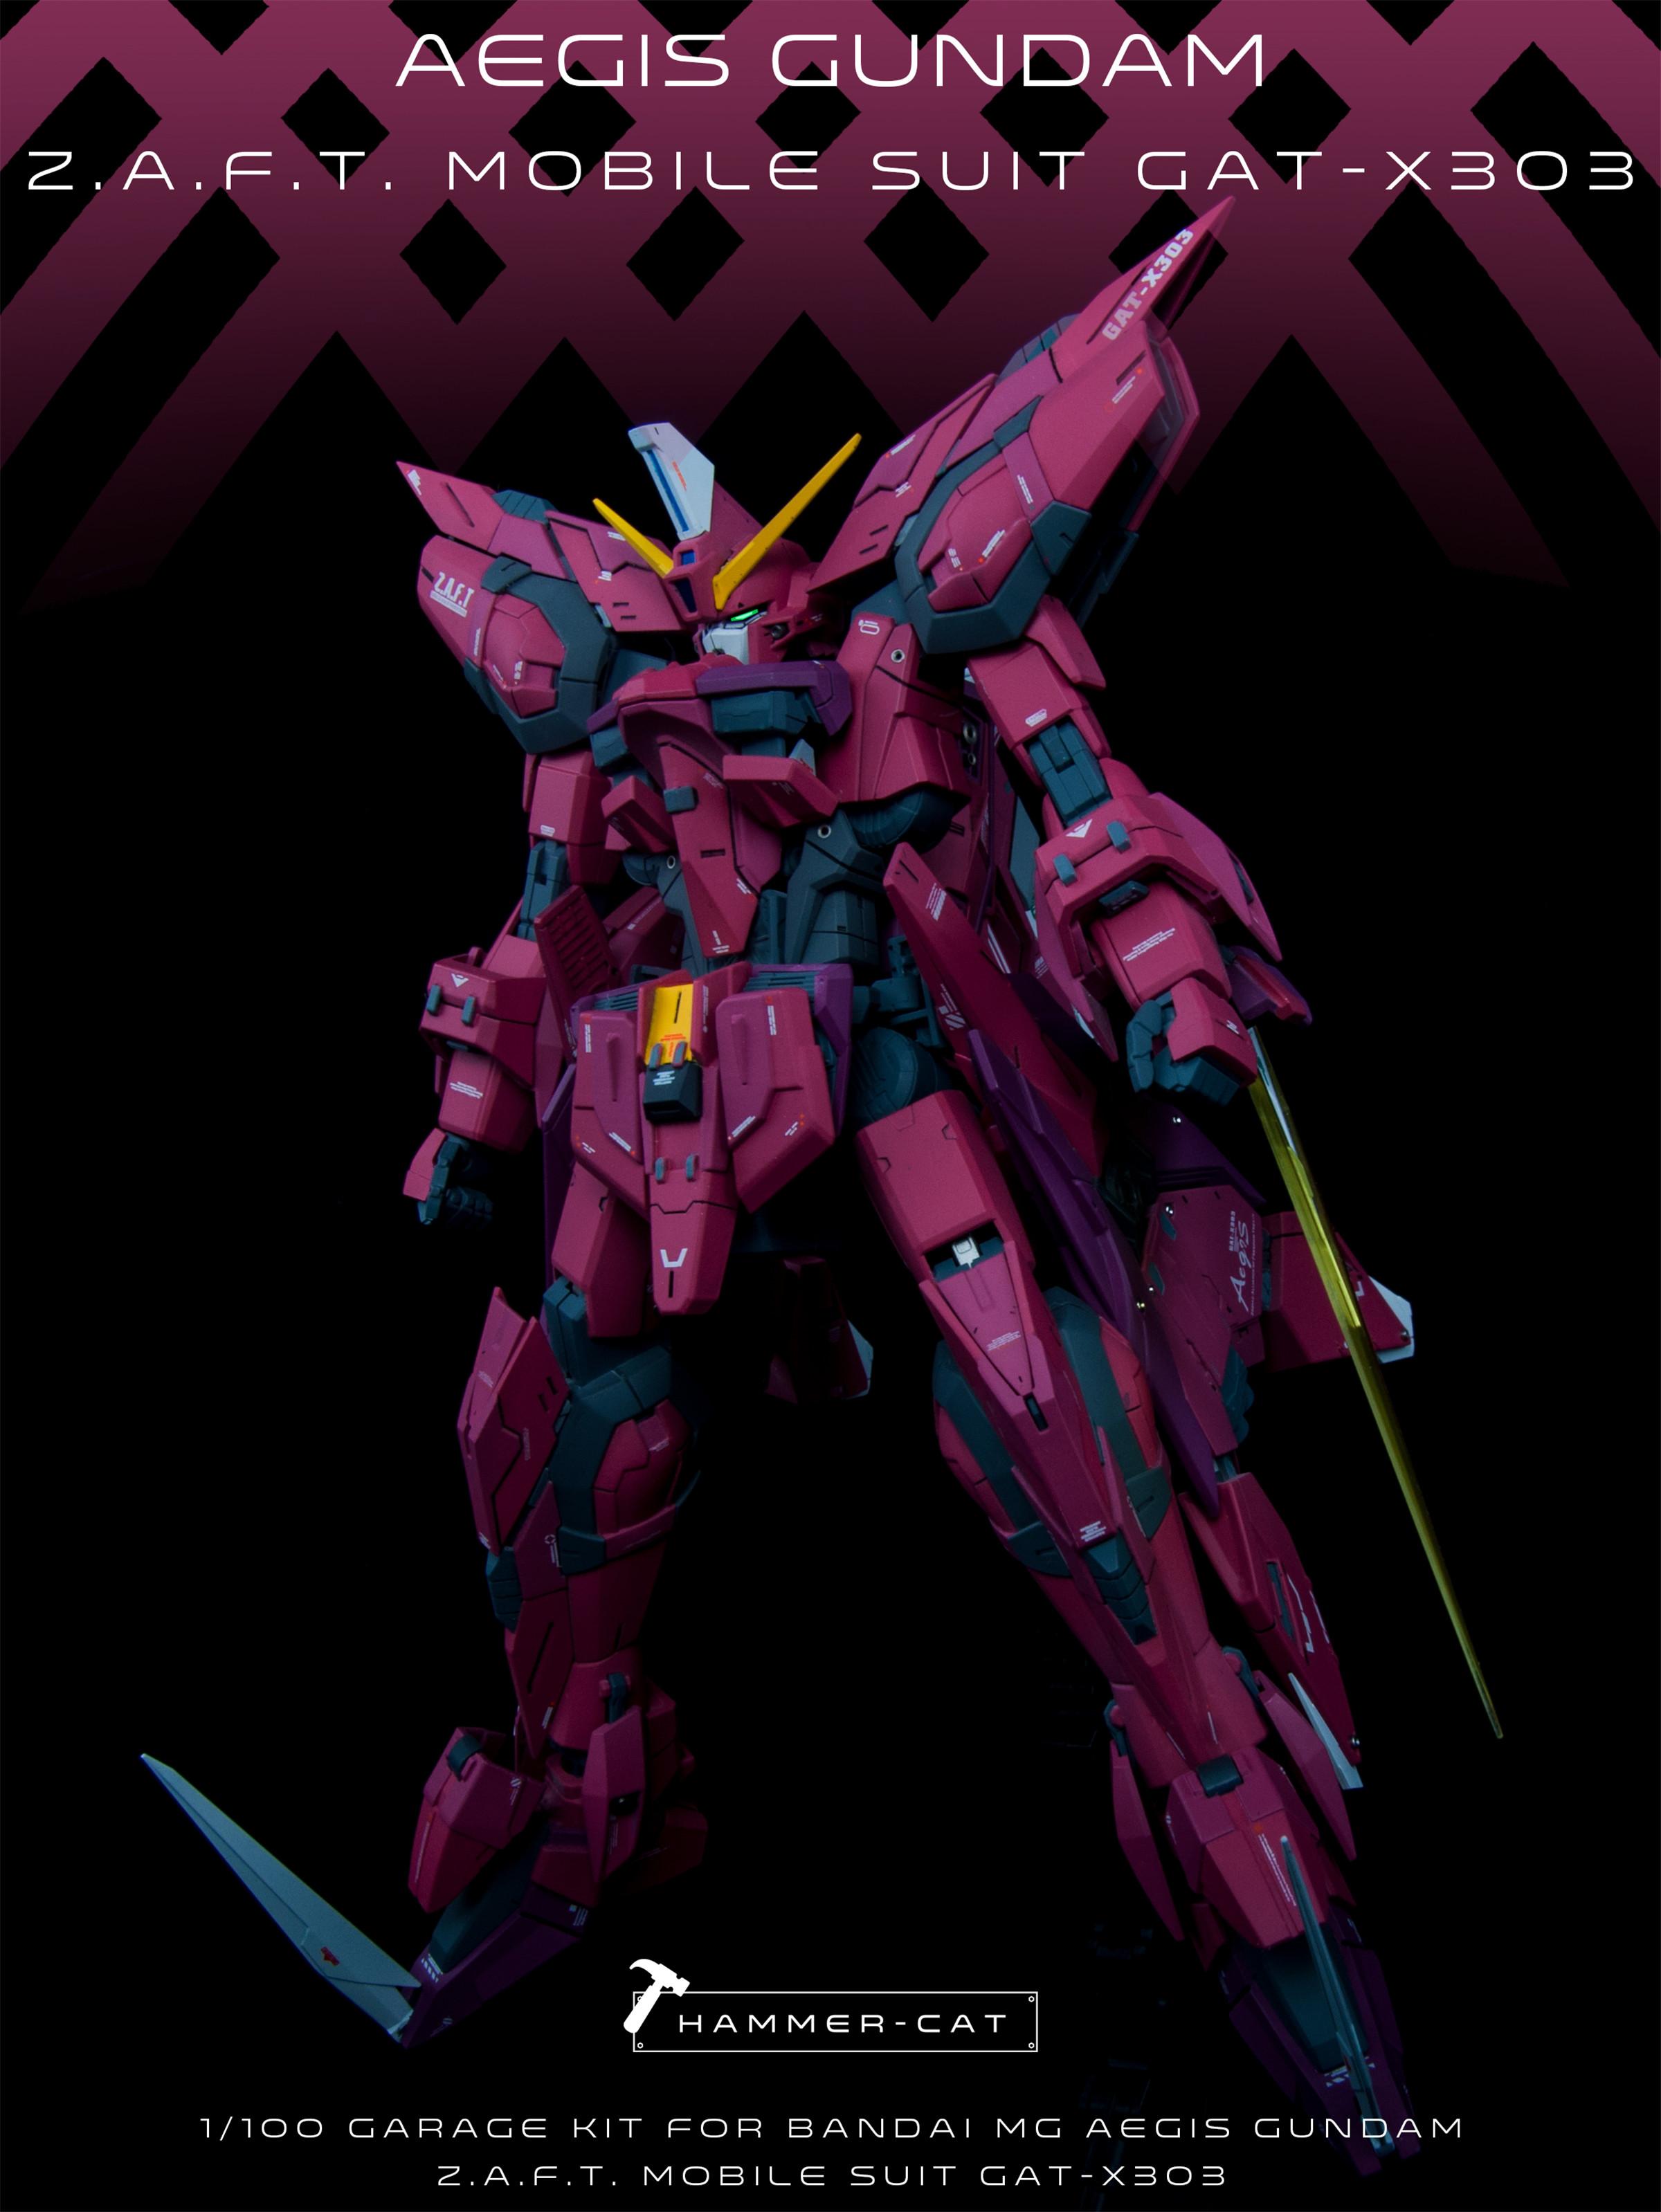 G579_GAT_X303_Aegis_Gundam_009.jpg